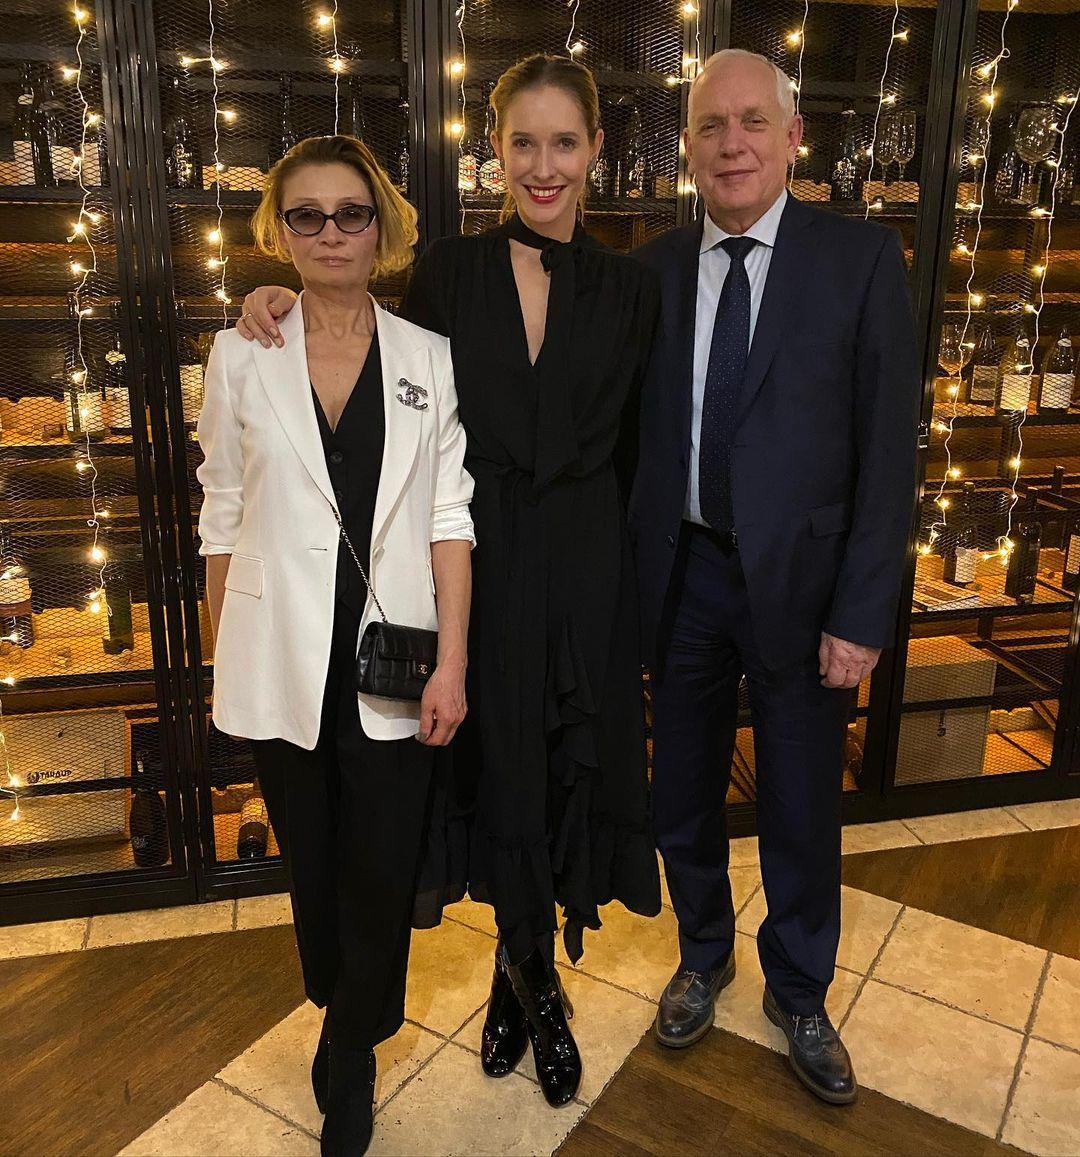 40 лет вместе: родители Кати Осадчей отпраздновали рубиновую свадьбу